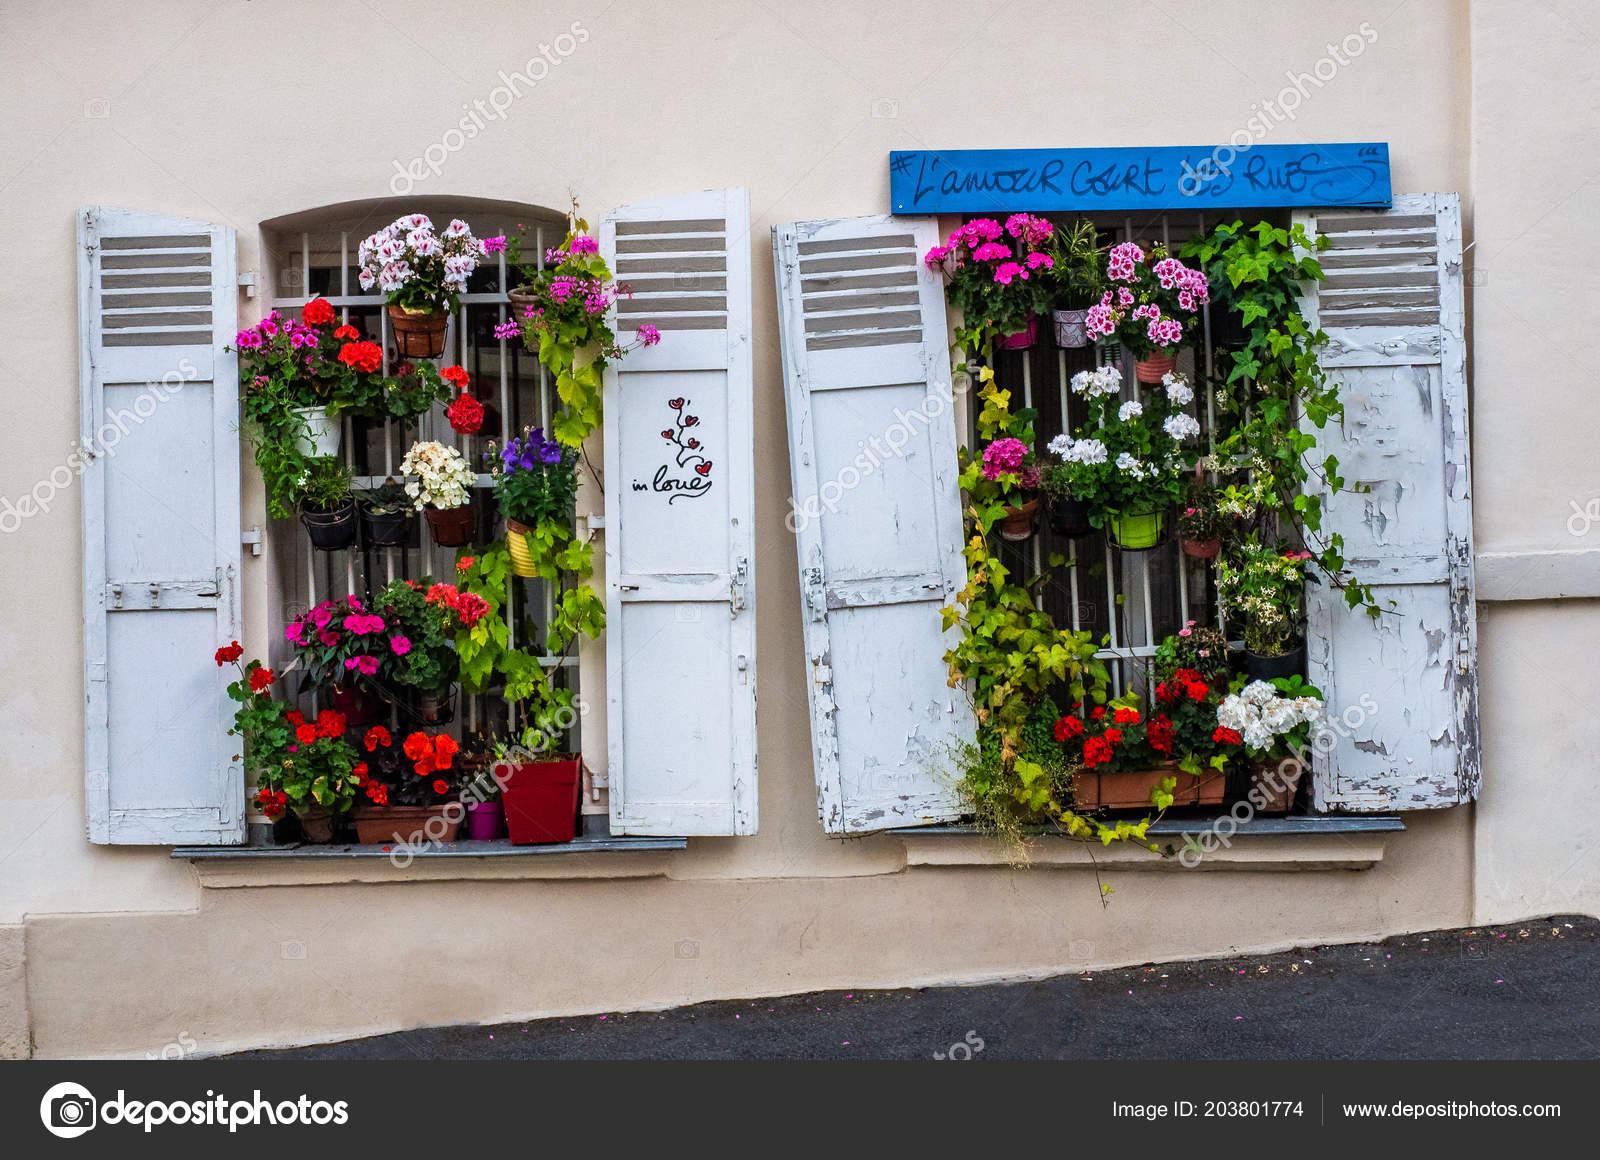 Fioriere Per Persiane ~ Antonio fabbrocino casa finestre con persiane fioriere bordo del